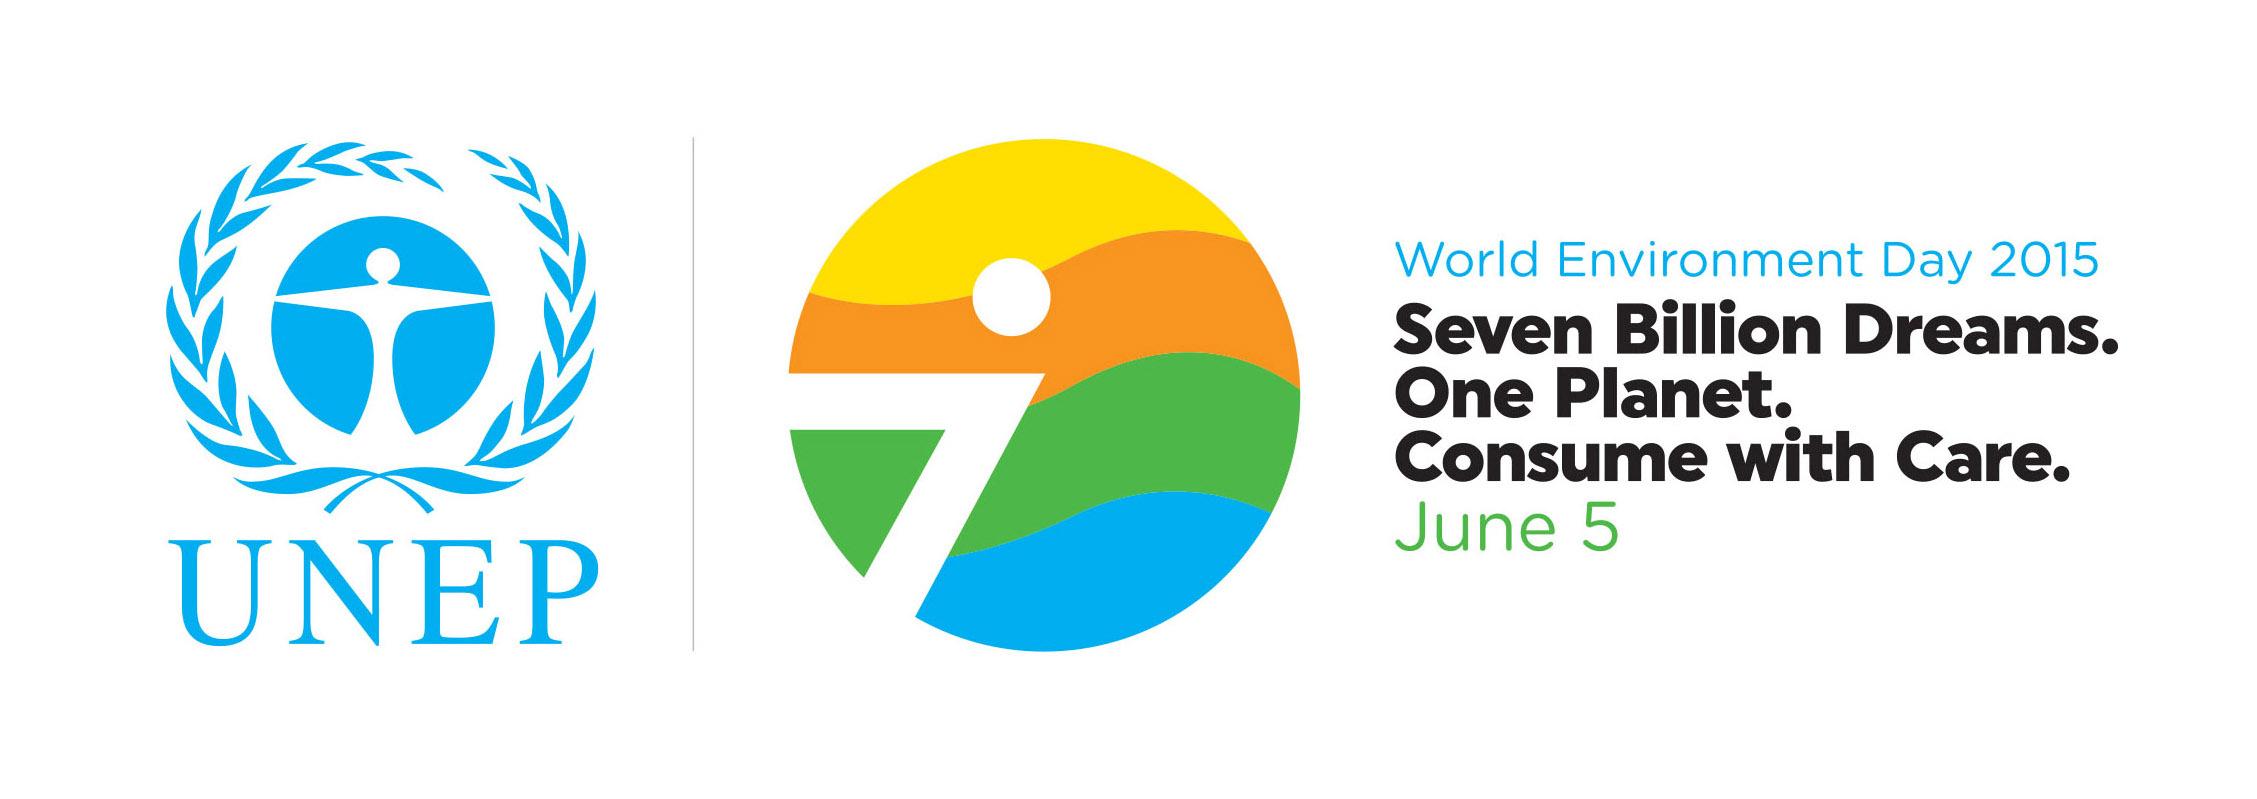 Holnap, június 5-én: Környezetvédelmi Világnap